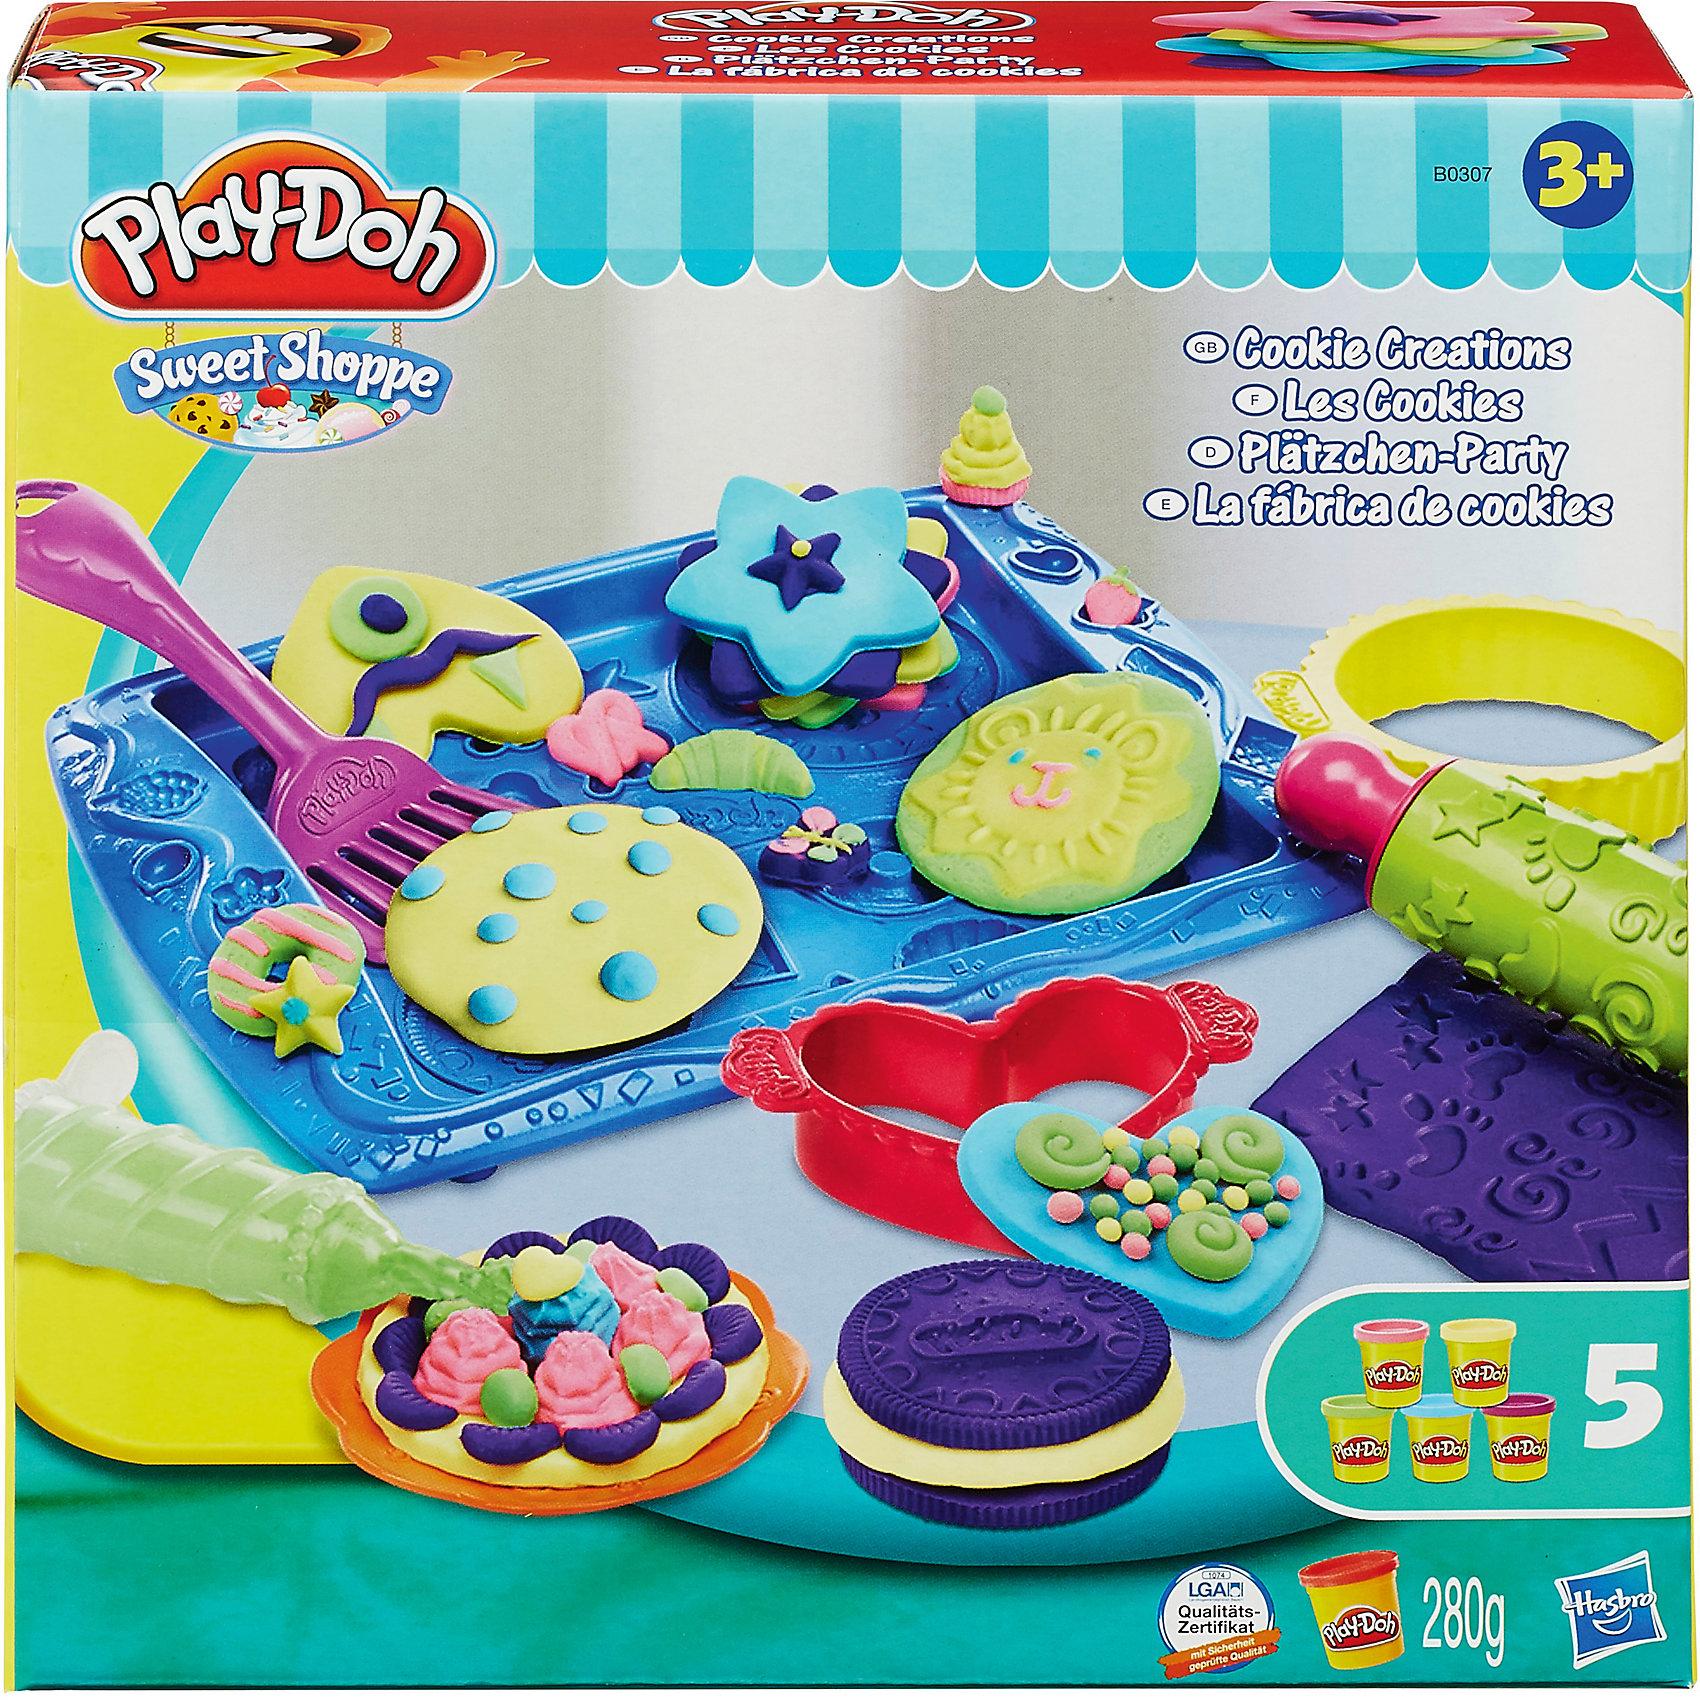 Hasbro Игровой набор Магазинчик печенья, Play-Doh hasbro игровой набор магазинчик домашних питомцев play doh город